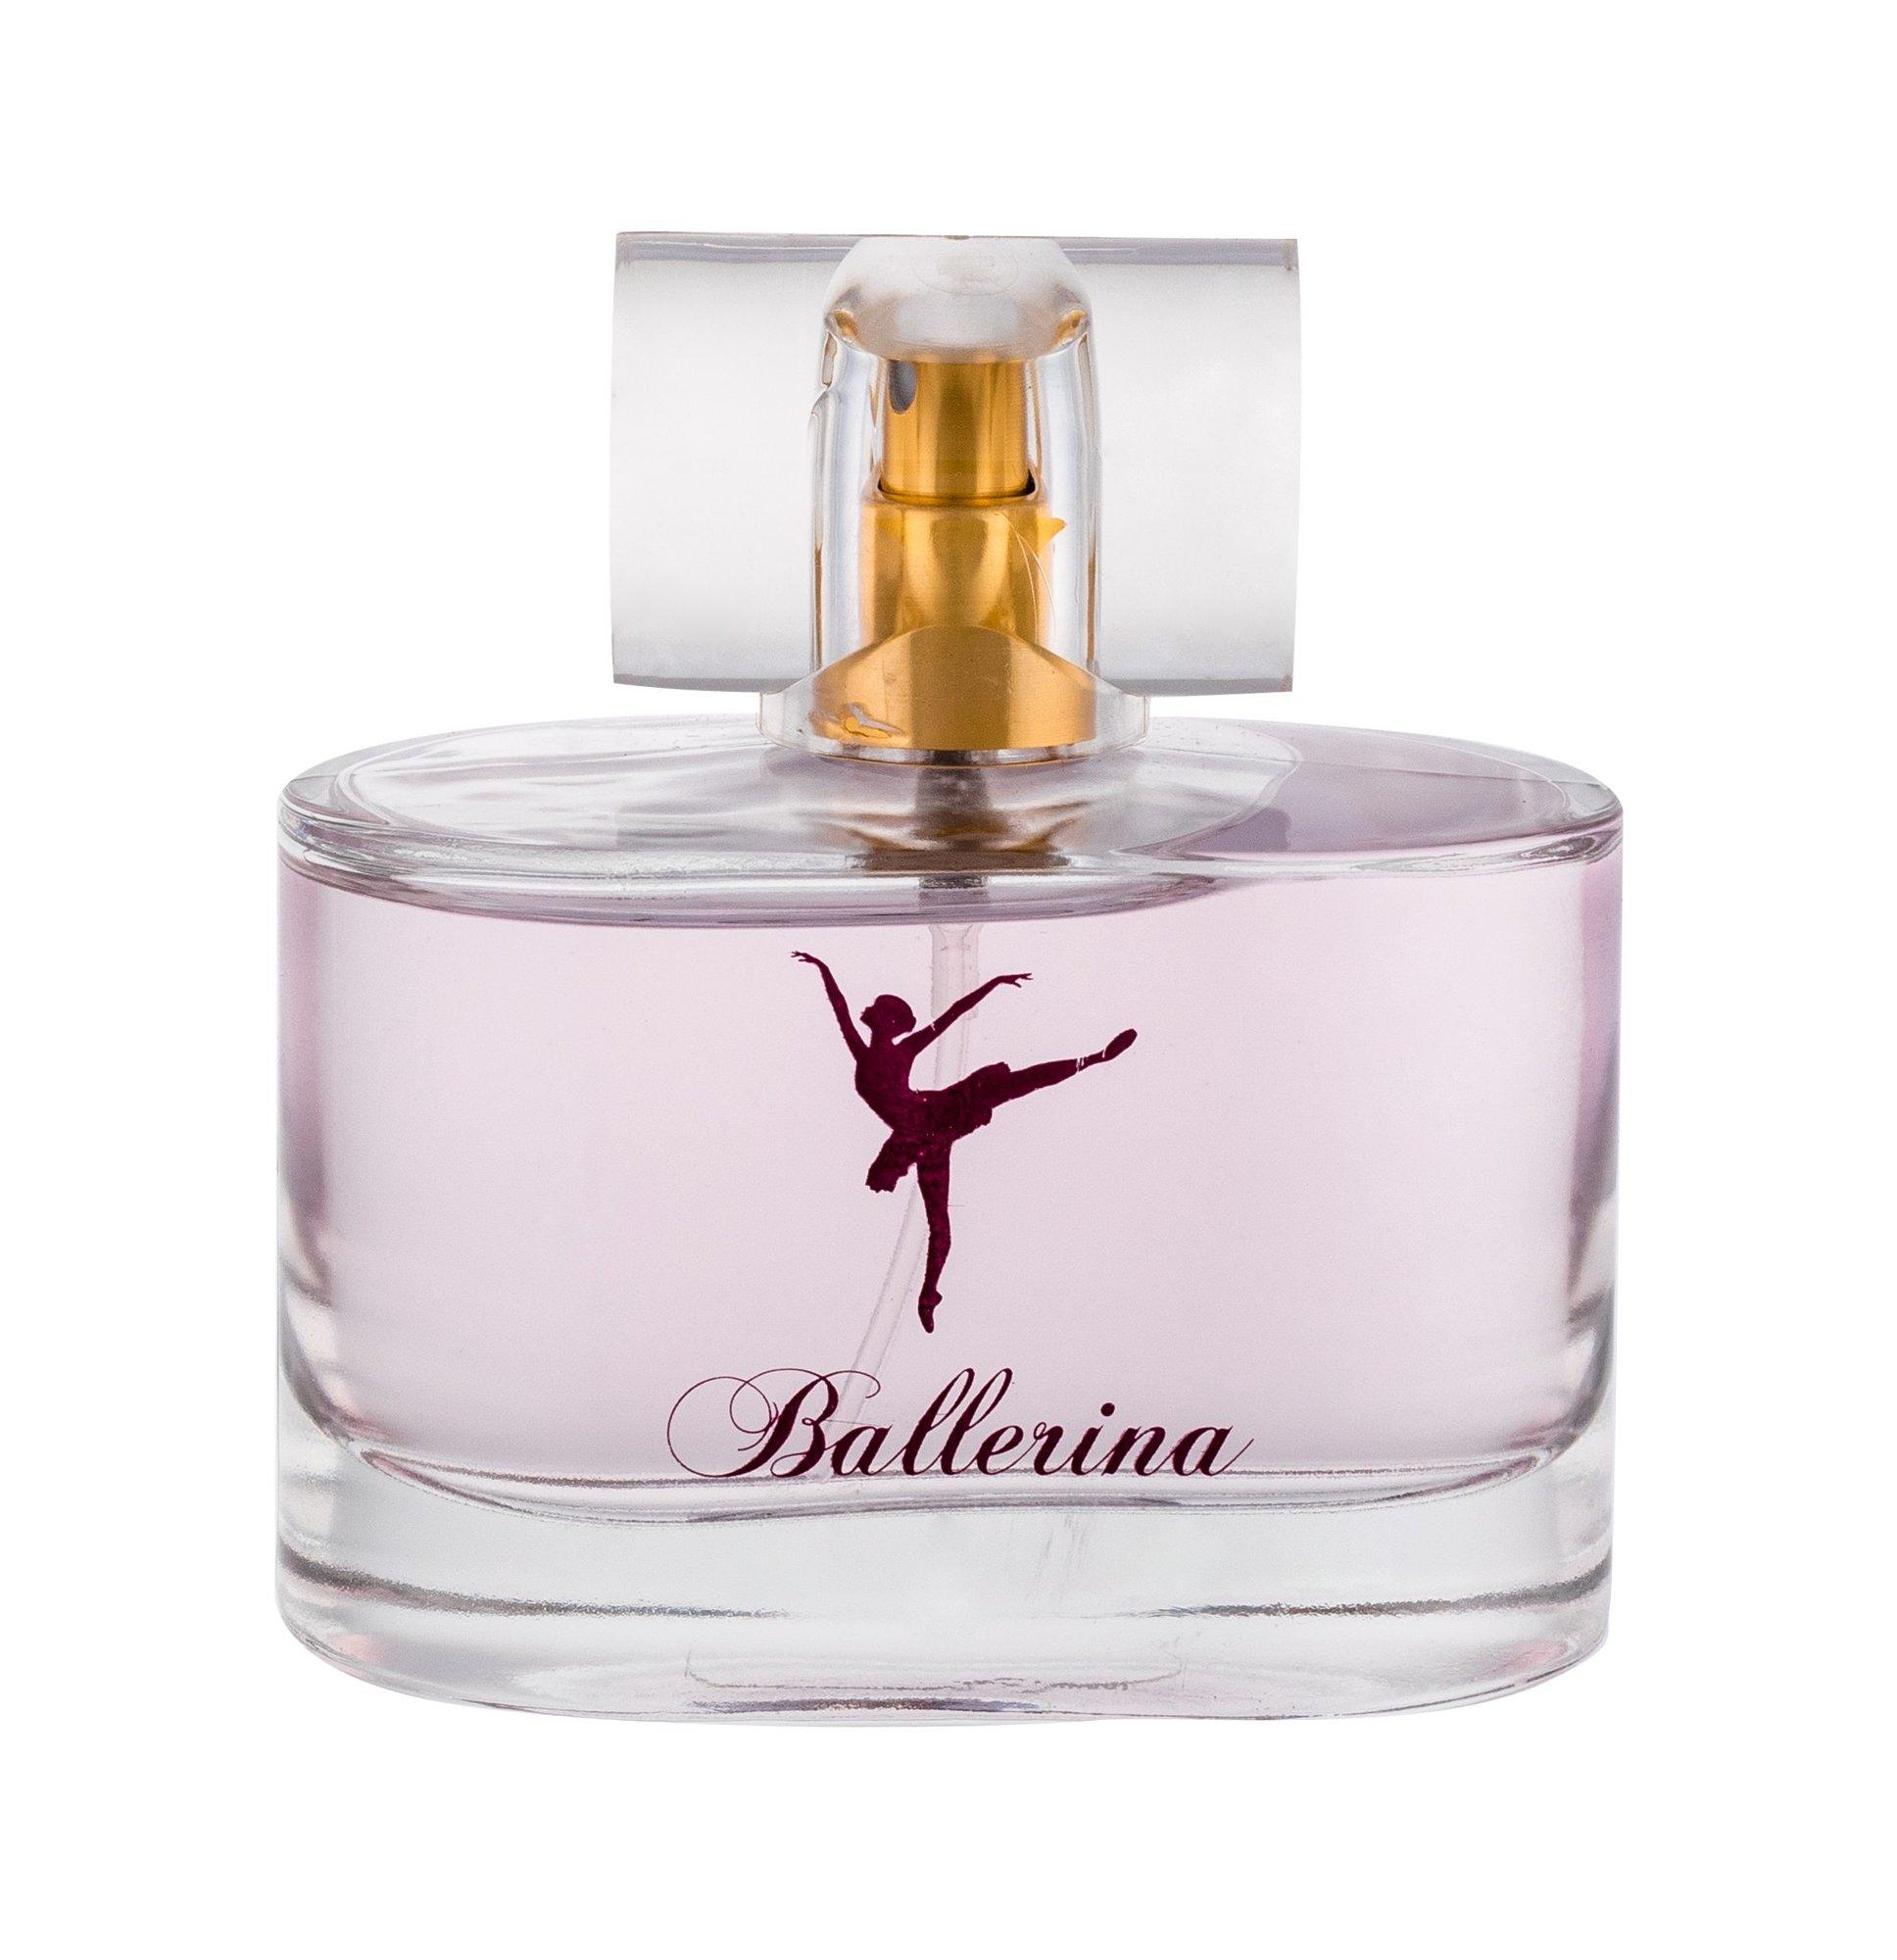 Parfum Collection Ballerina Sophie Eau de Toilette 100ml